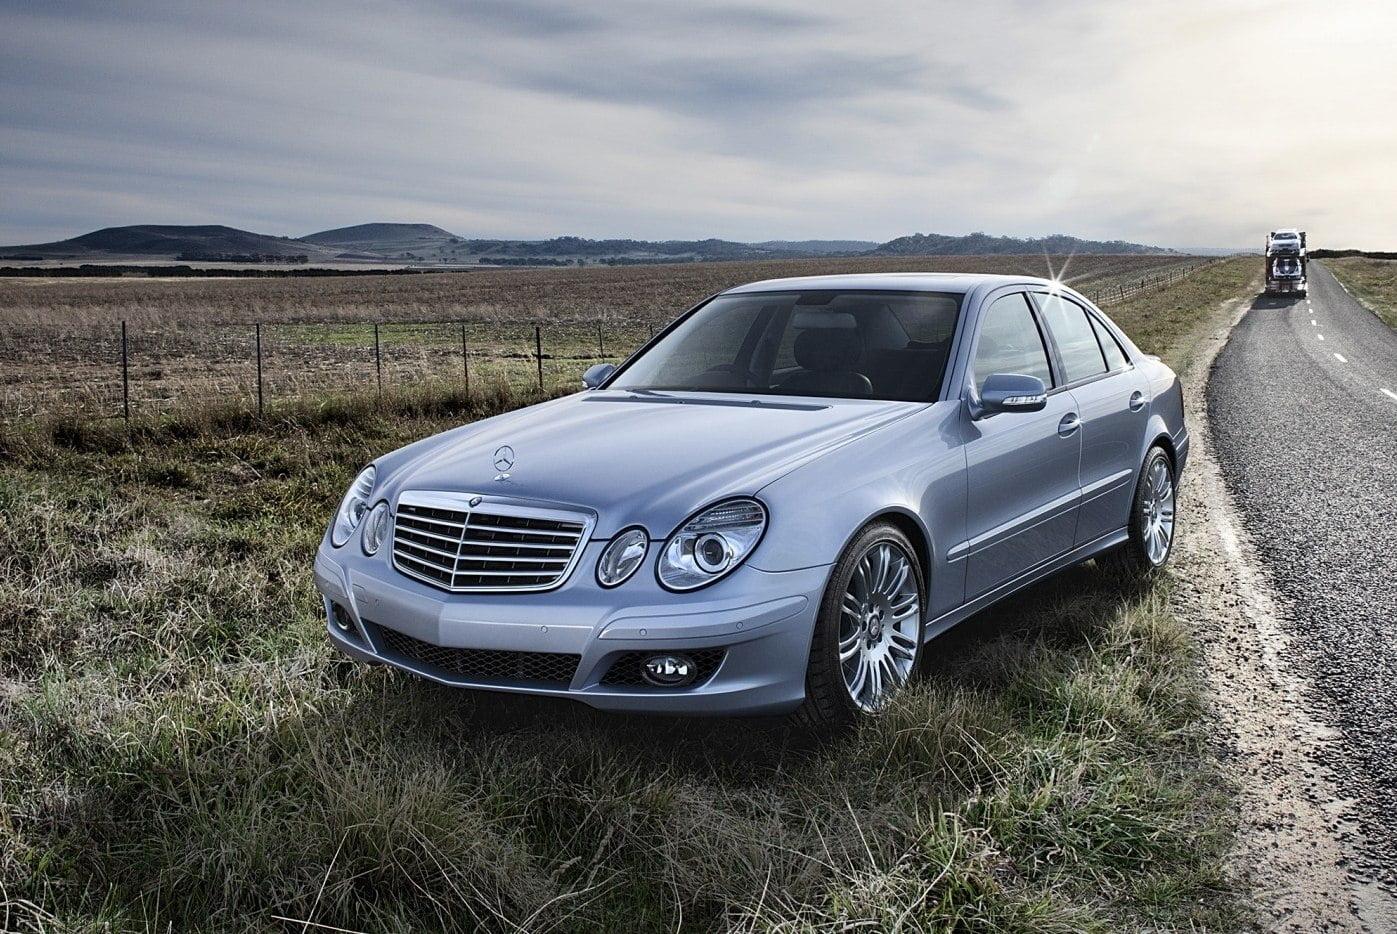 Mercedes-Benz E-Klasse в кузове W211 в Узбекистан ввезти будет нельзя, т.к. он не соответствует стандарту Евро-5